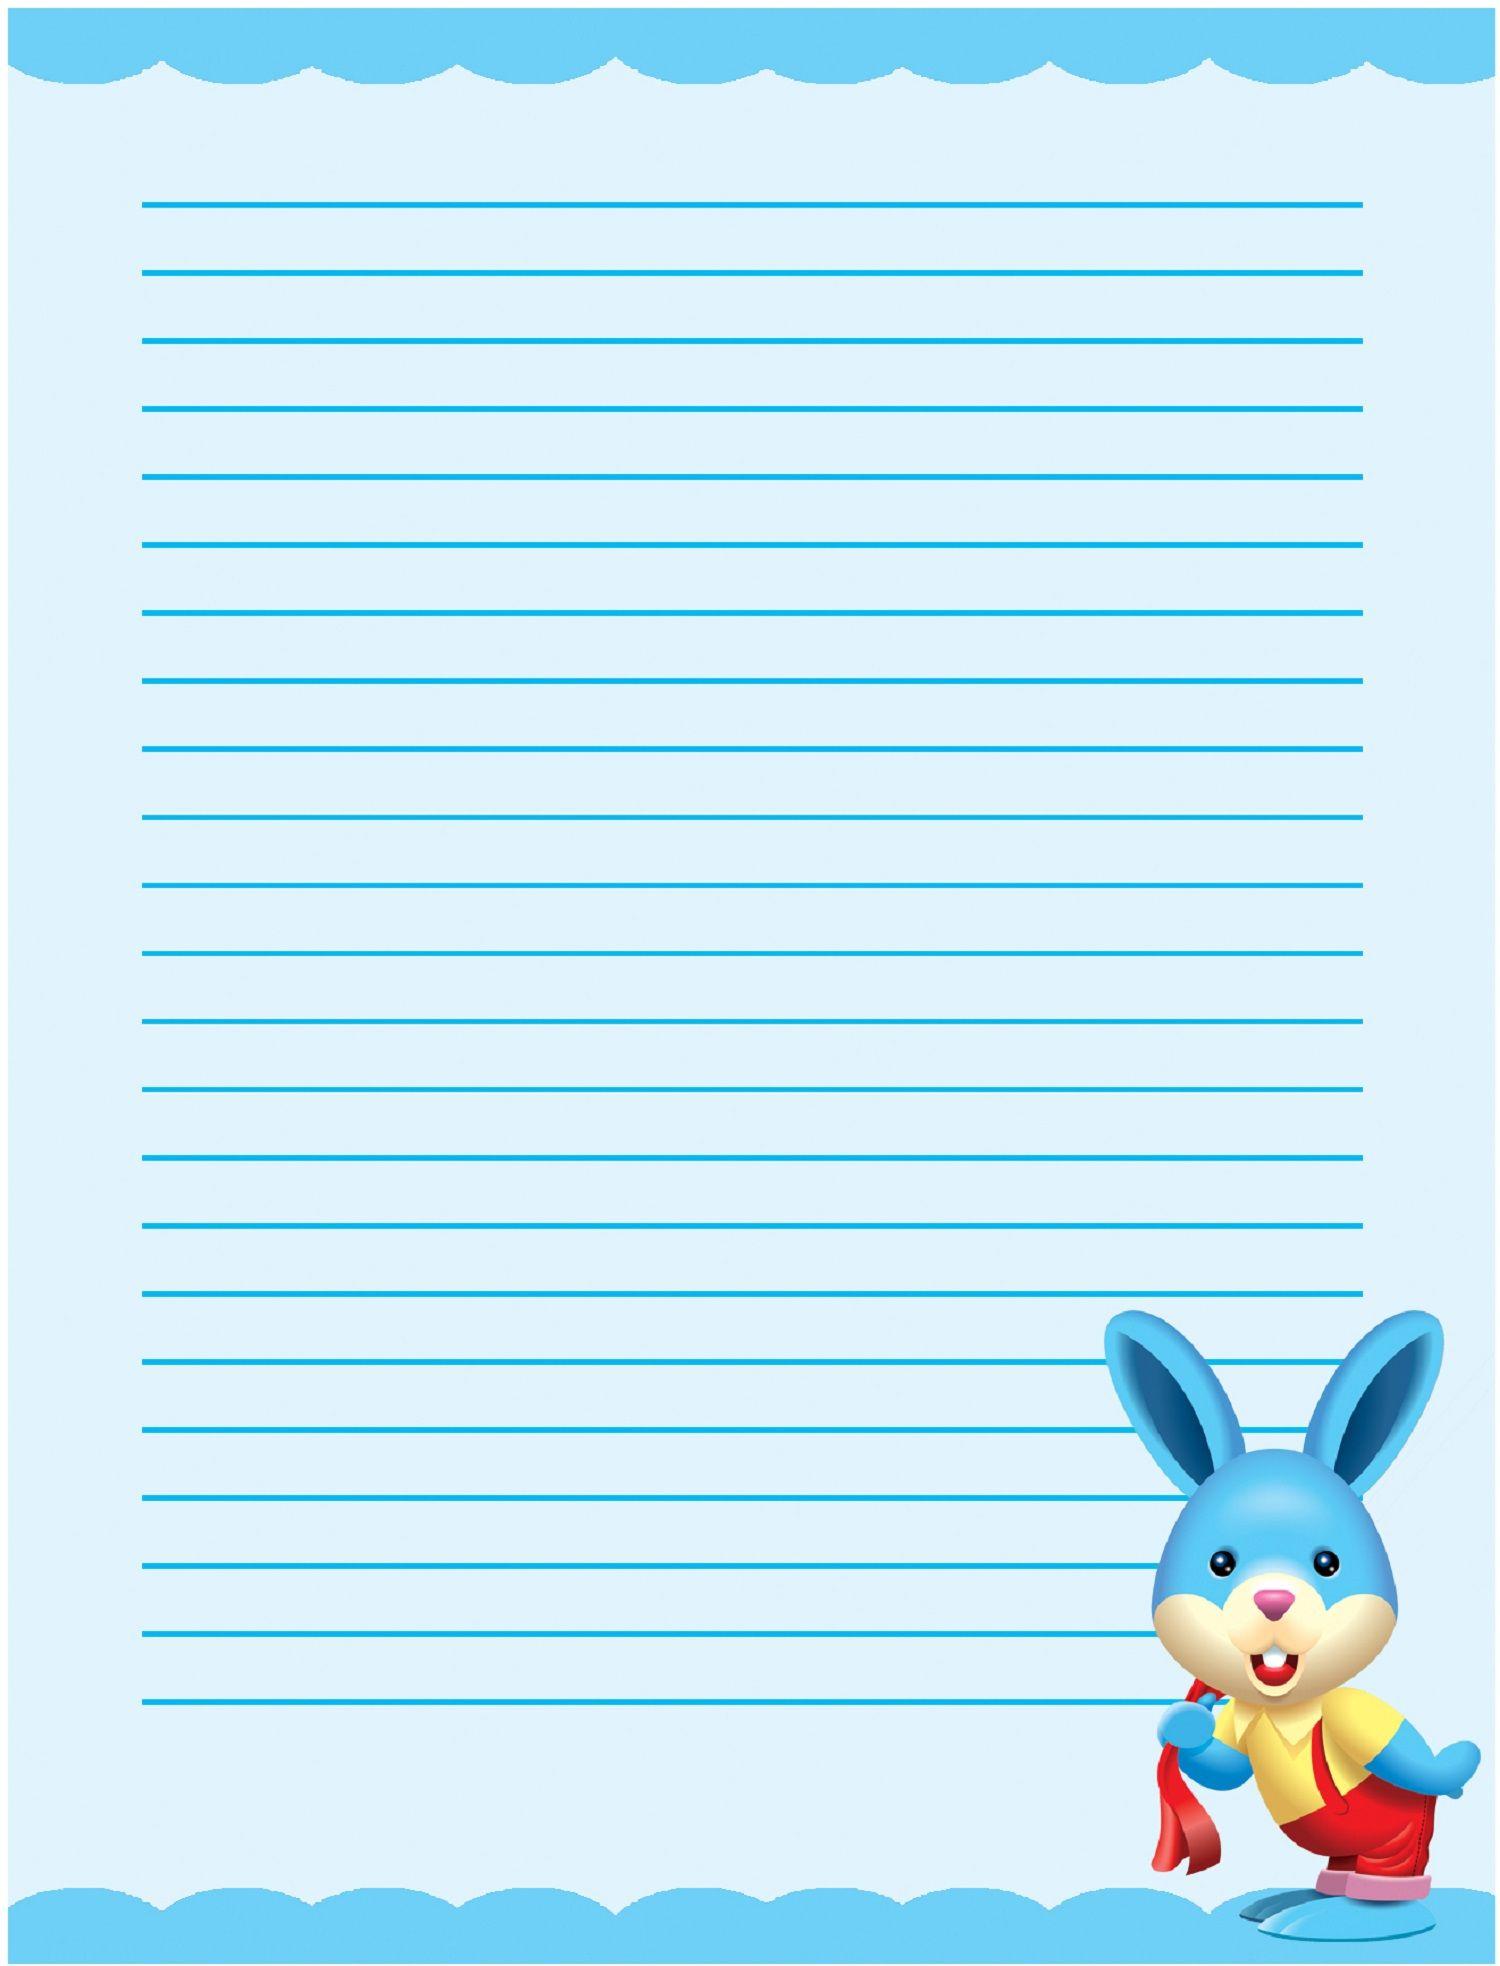 Lined Paper For Kids For Writing  Dear Joya  Fancy Stuff